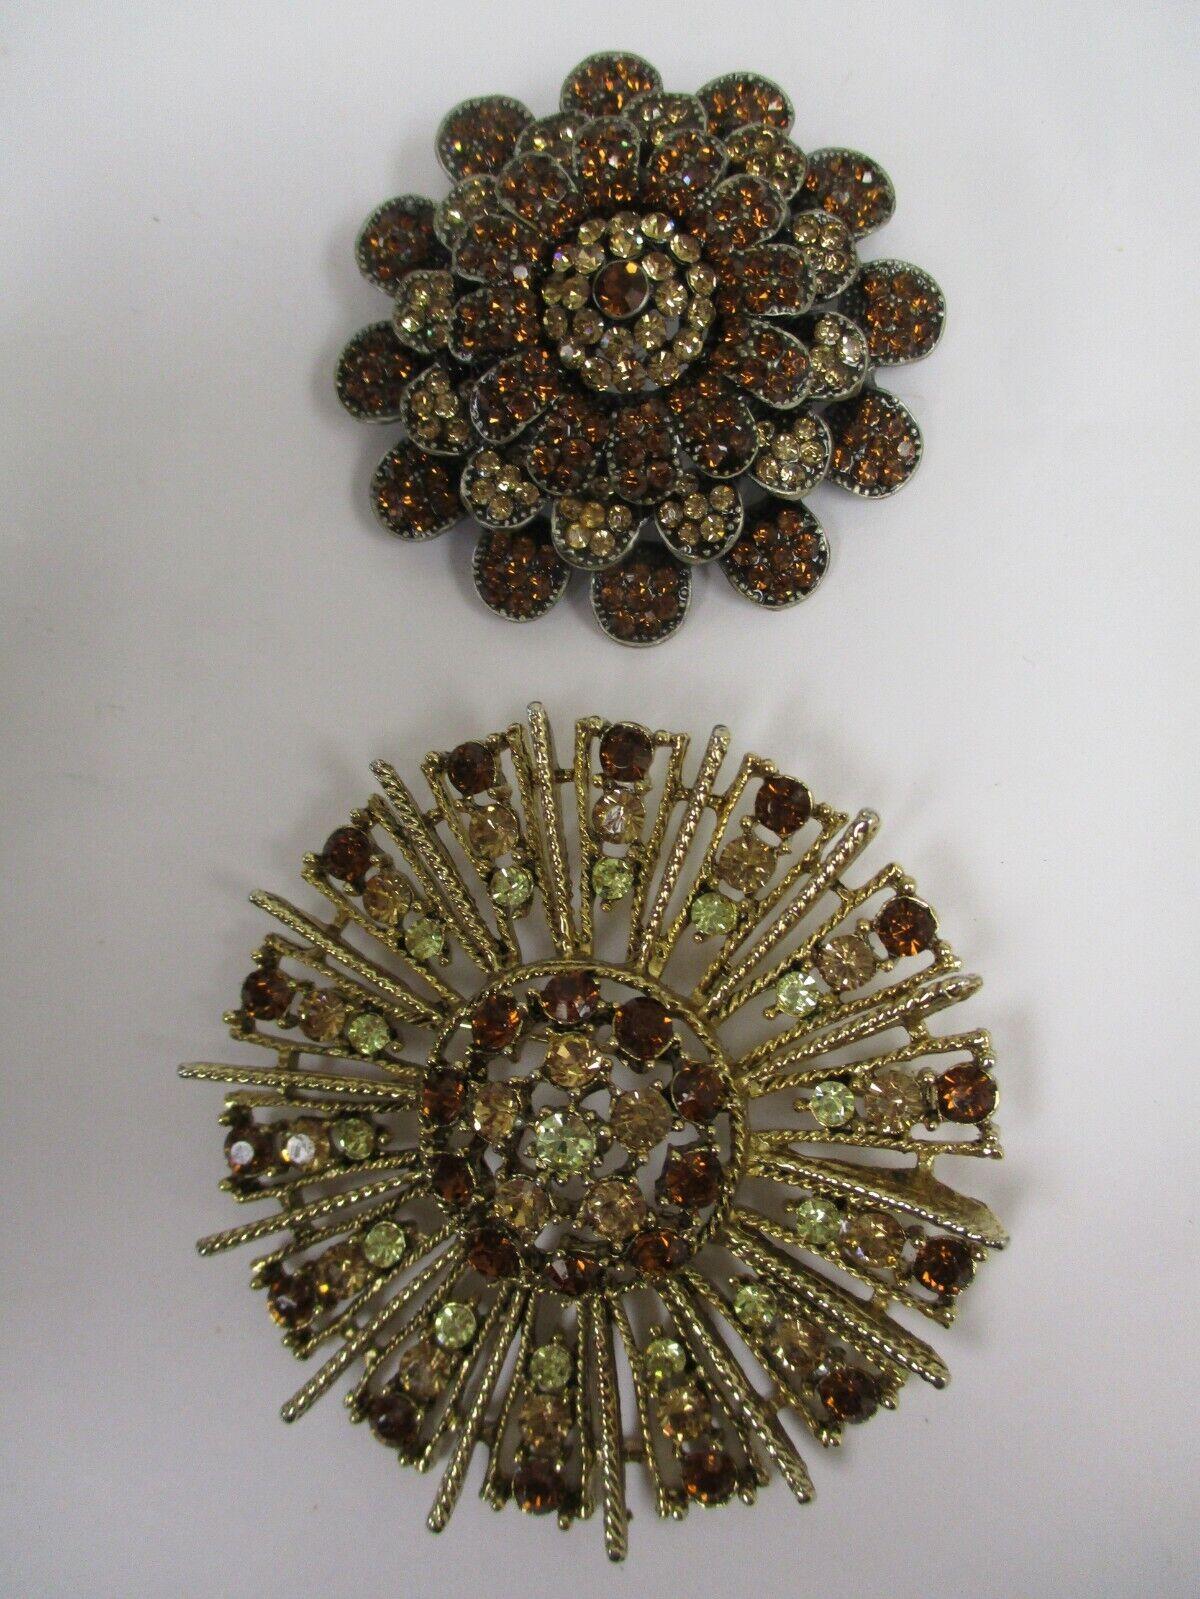 Vintage Golden Brown Gemstone Brooch Lot Of 2